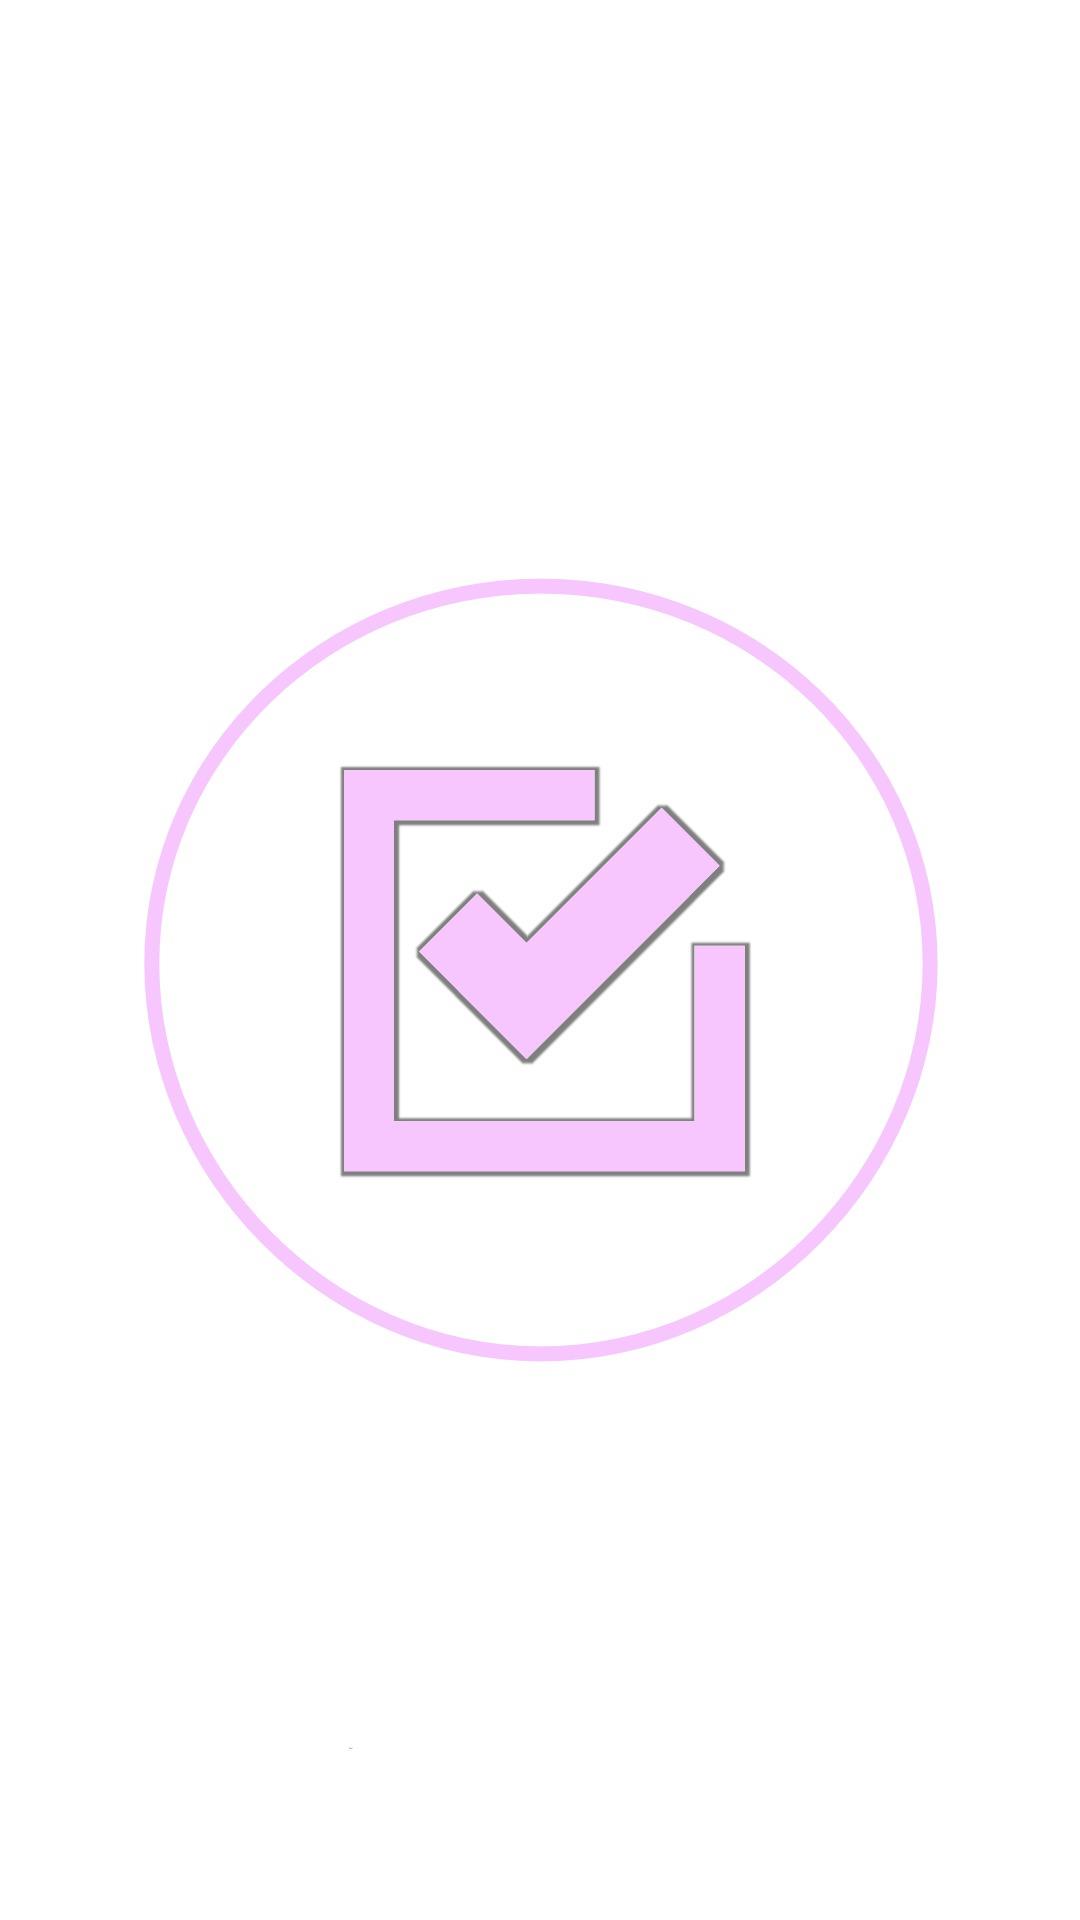 Instagram-cover-task-pinkwhite-lotnotes.com.jpg